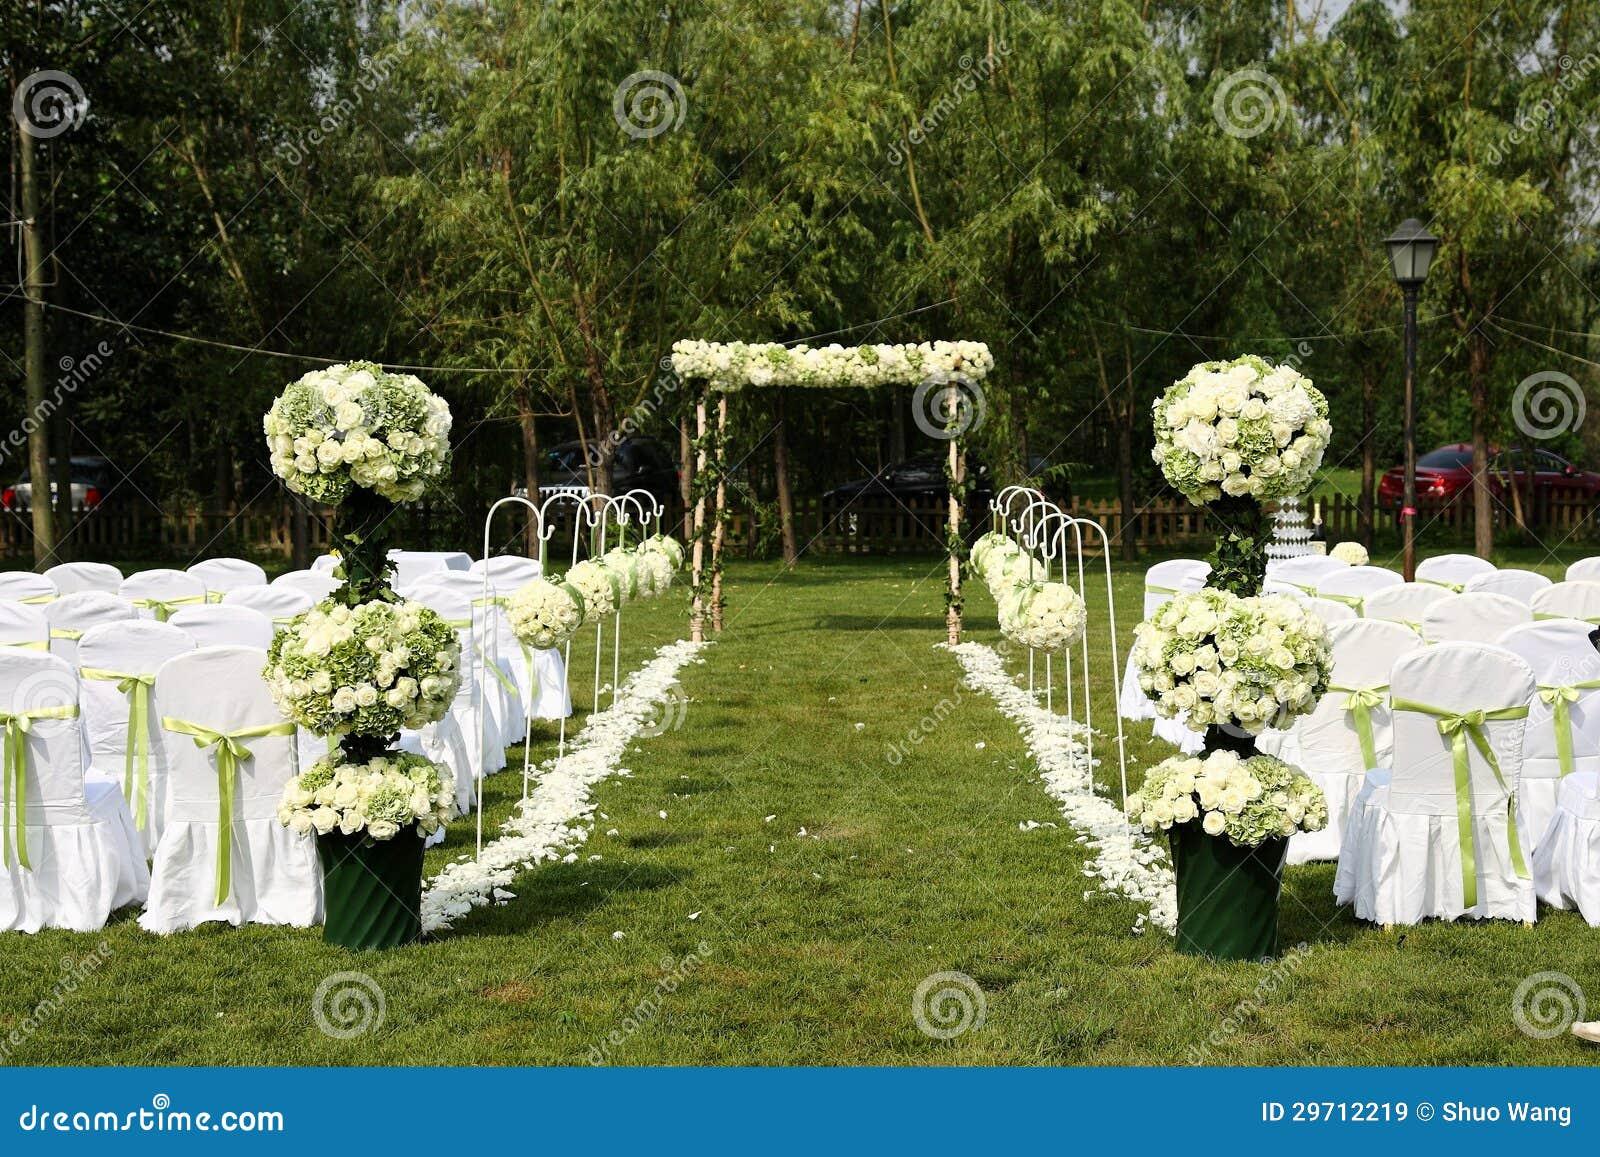 outdoor wedding scene stock image image of celebration 29712219. Black Bedroom Furniture Sets. Home Design Ideas